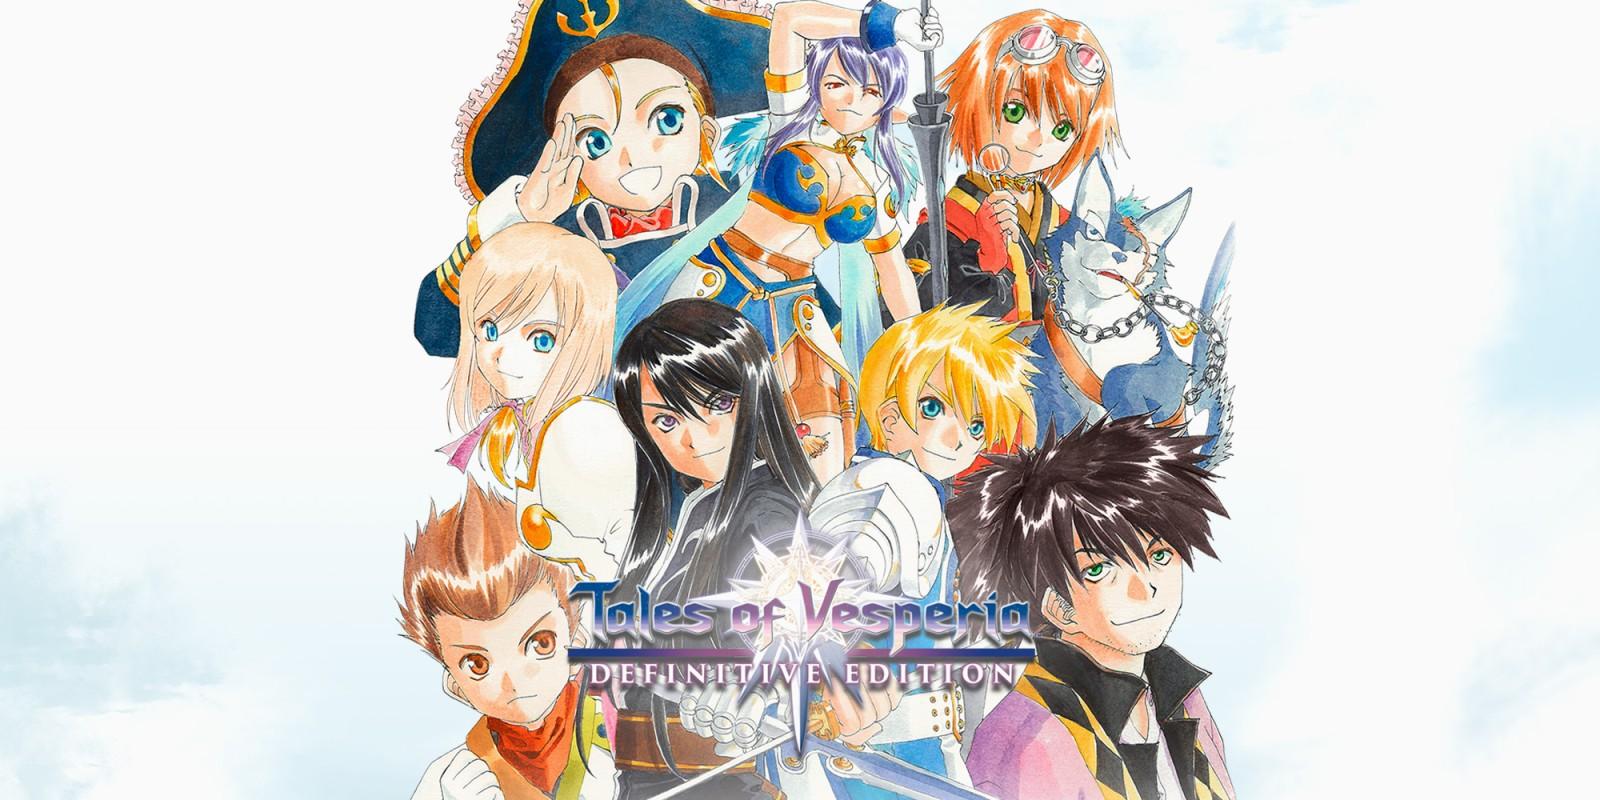 Bandai Namco já enviou mais de 500 mil unidades de Tales of Vesperia: Definitive Edition no mundo inteiro